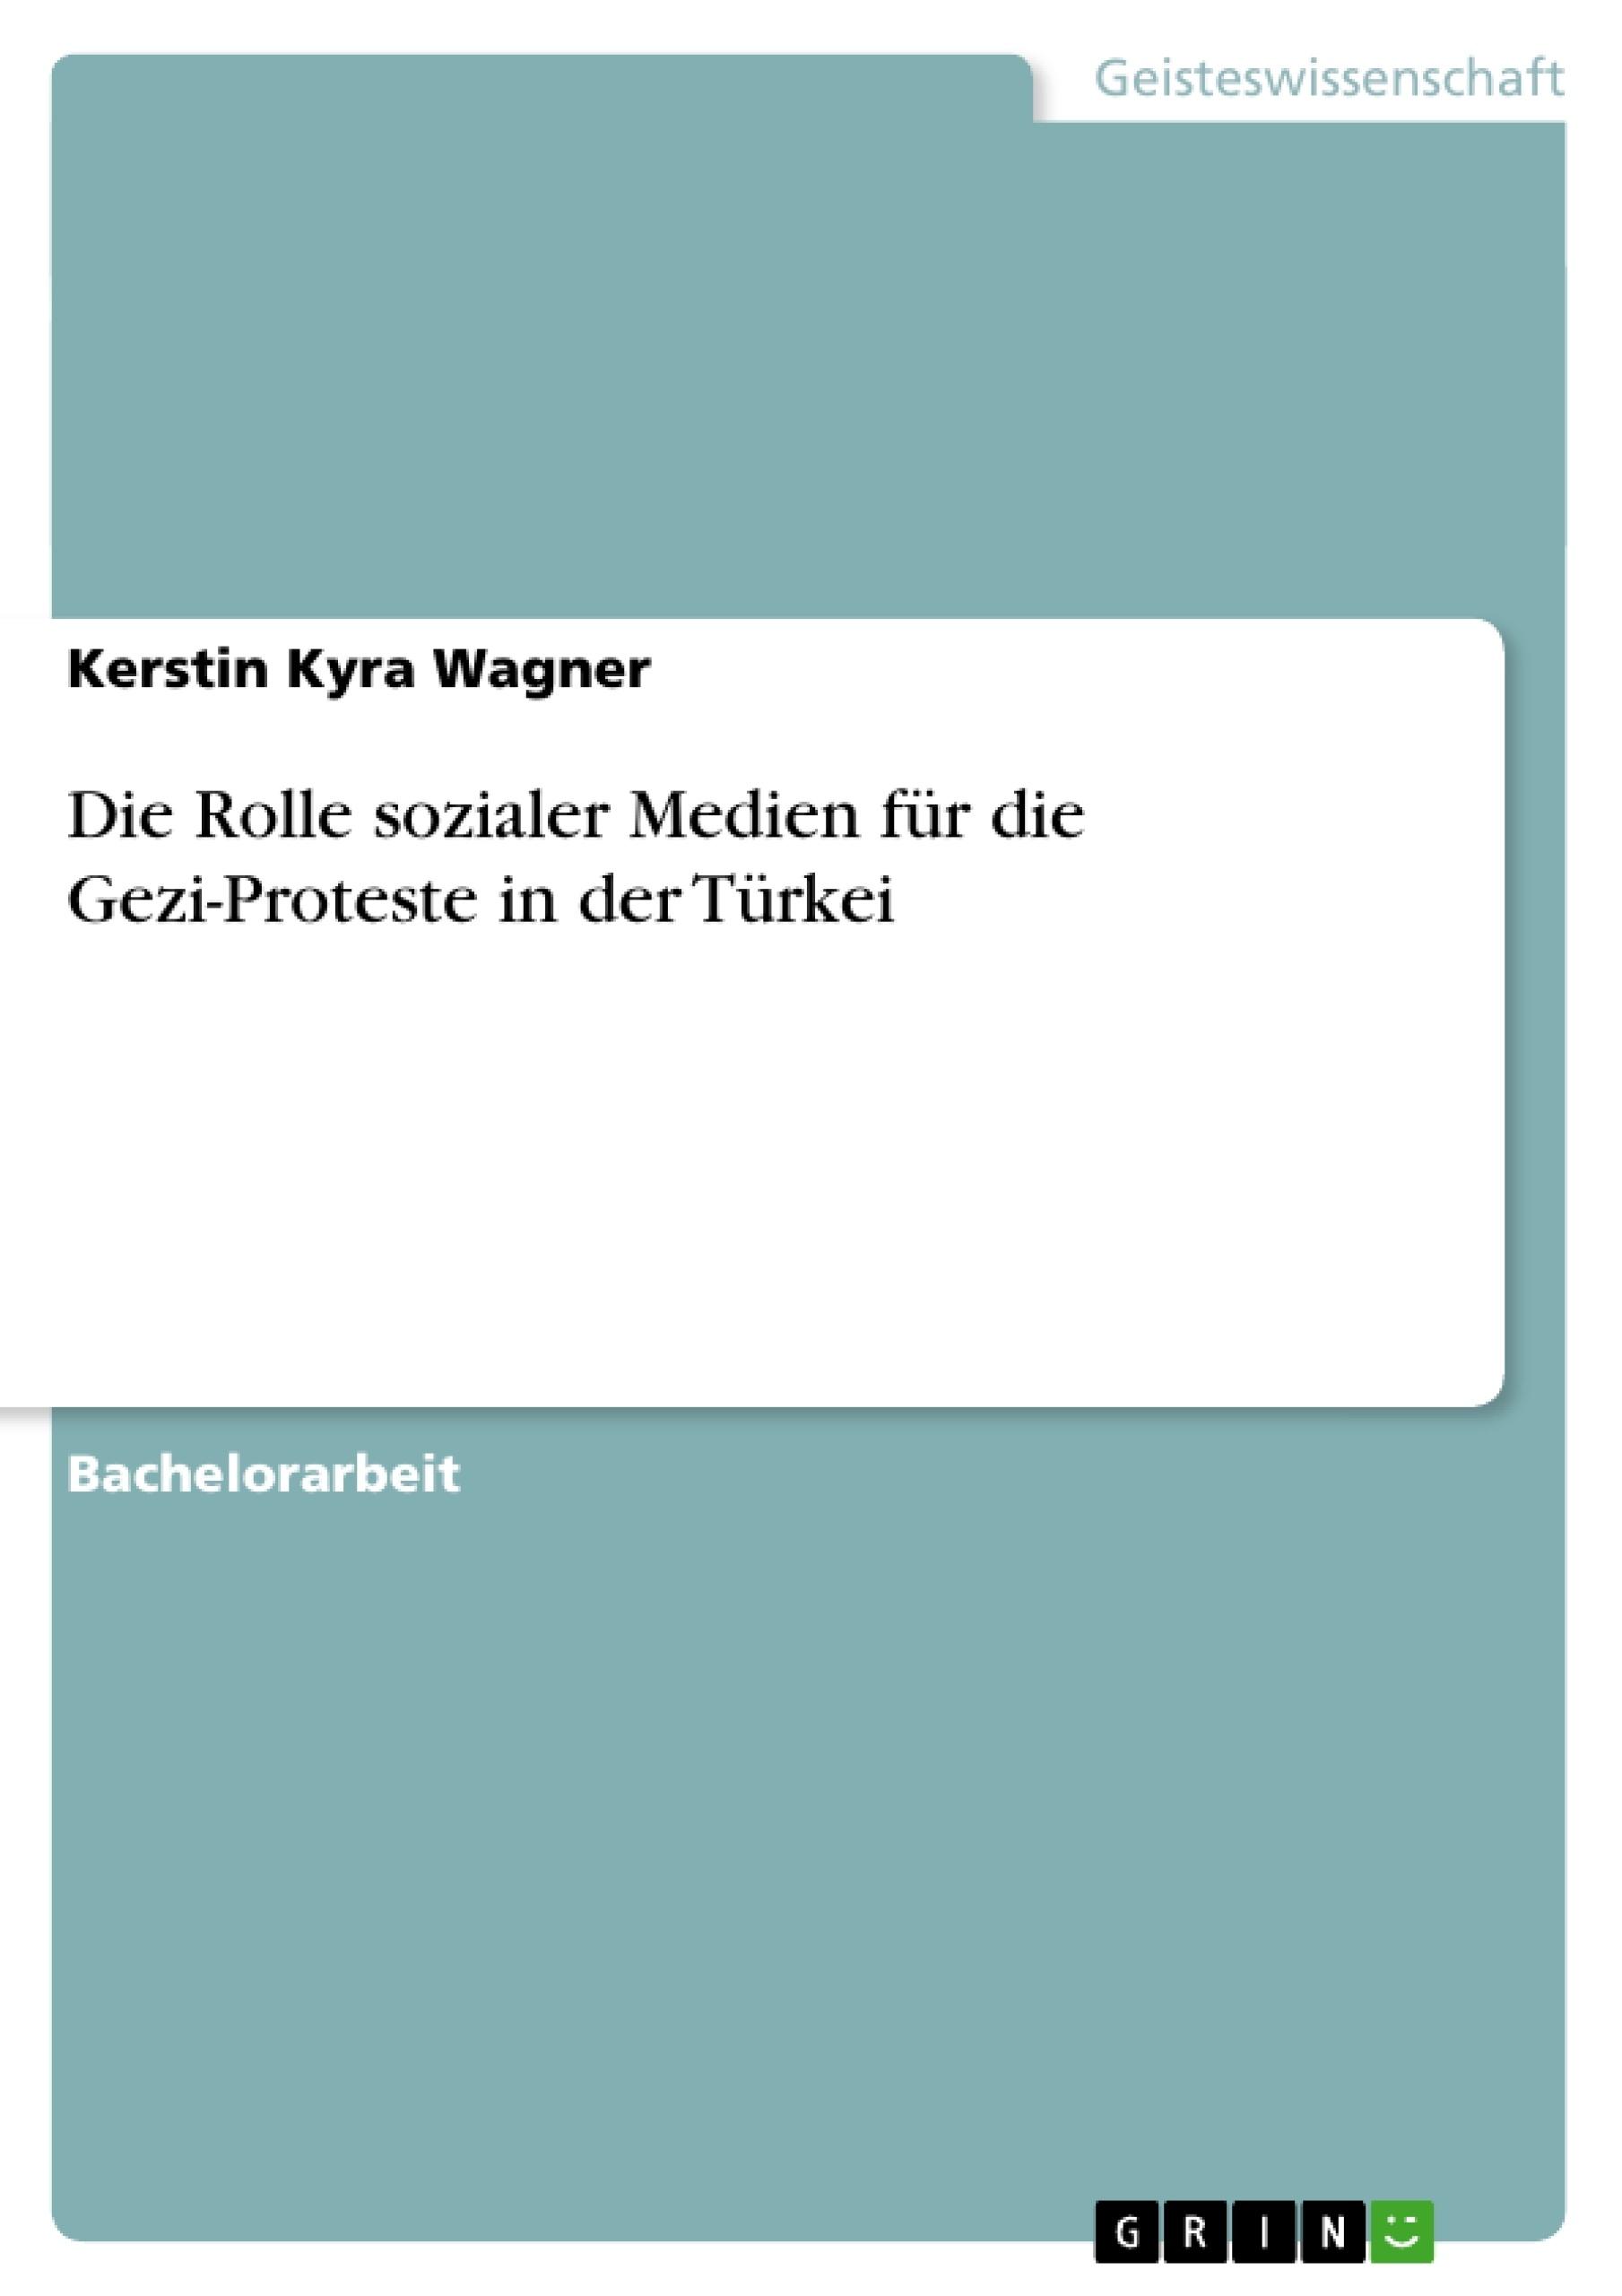 Titel: Die Rolle sozialer Medien für die Gezi-Proteste in der Türkei